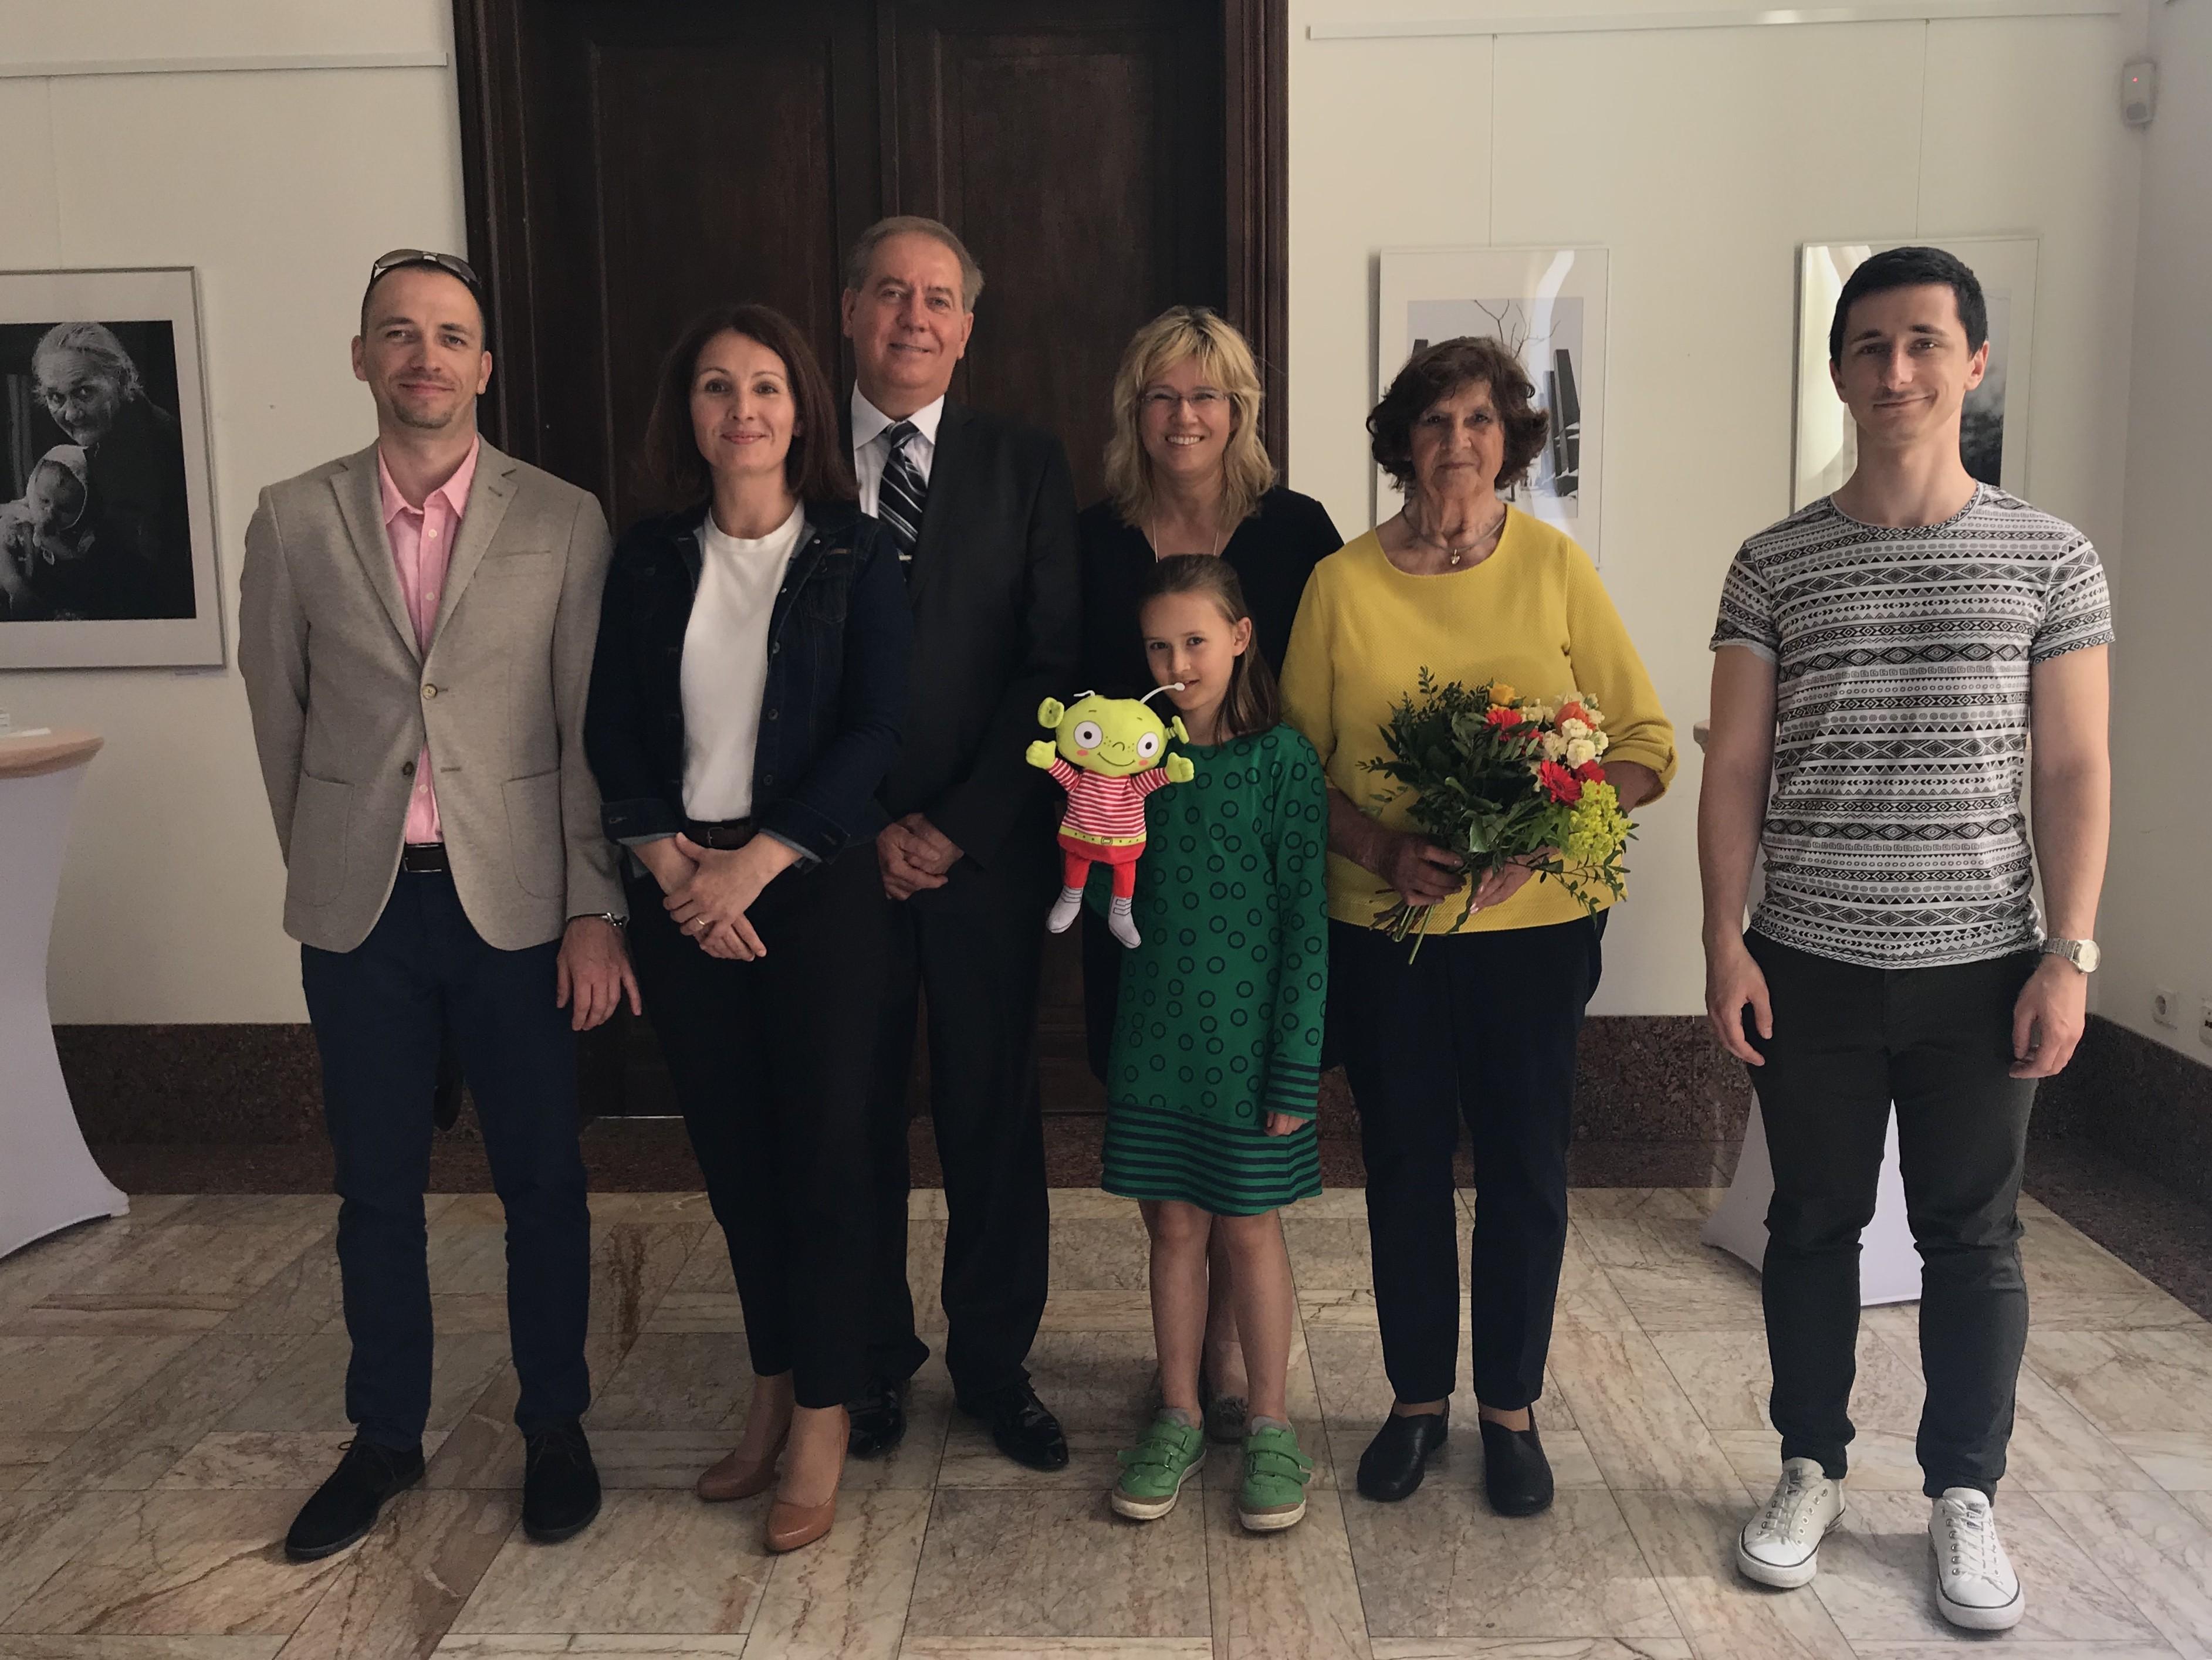 Šlabikár z Orbis Pictus Istropolitana získal cenu Najkrajšie kniha Slovenska 2018